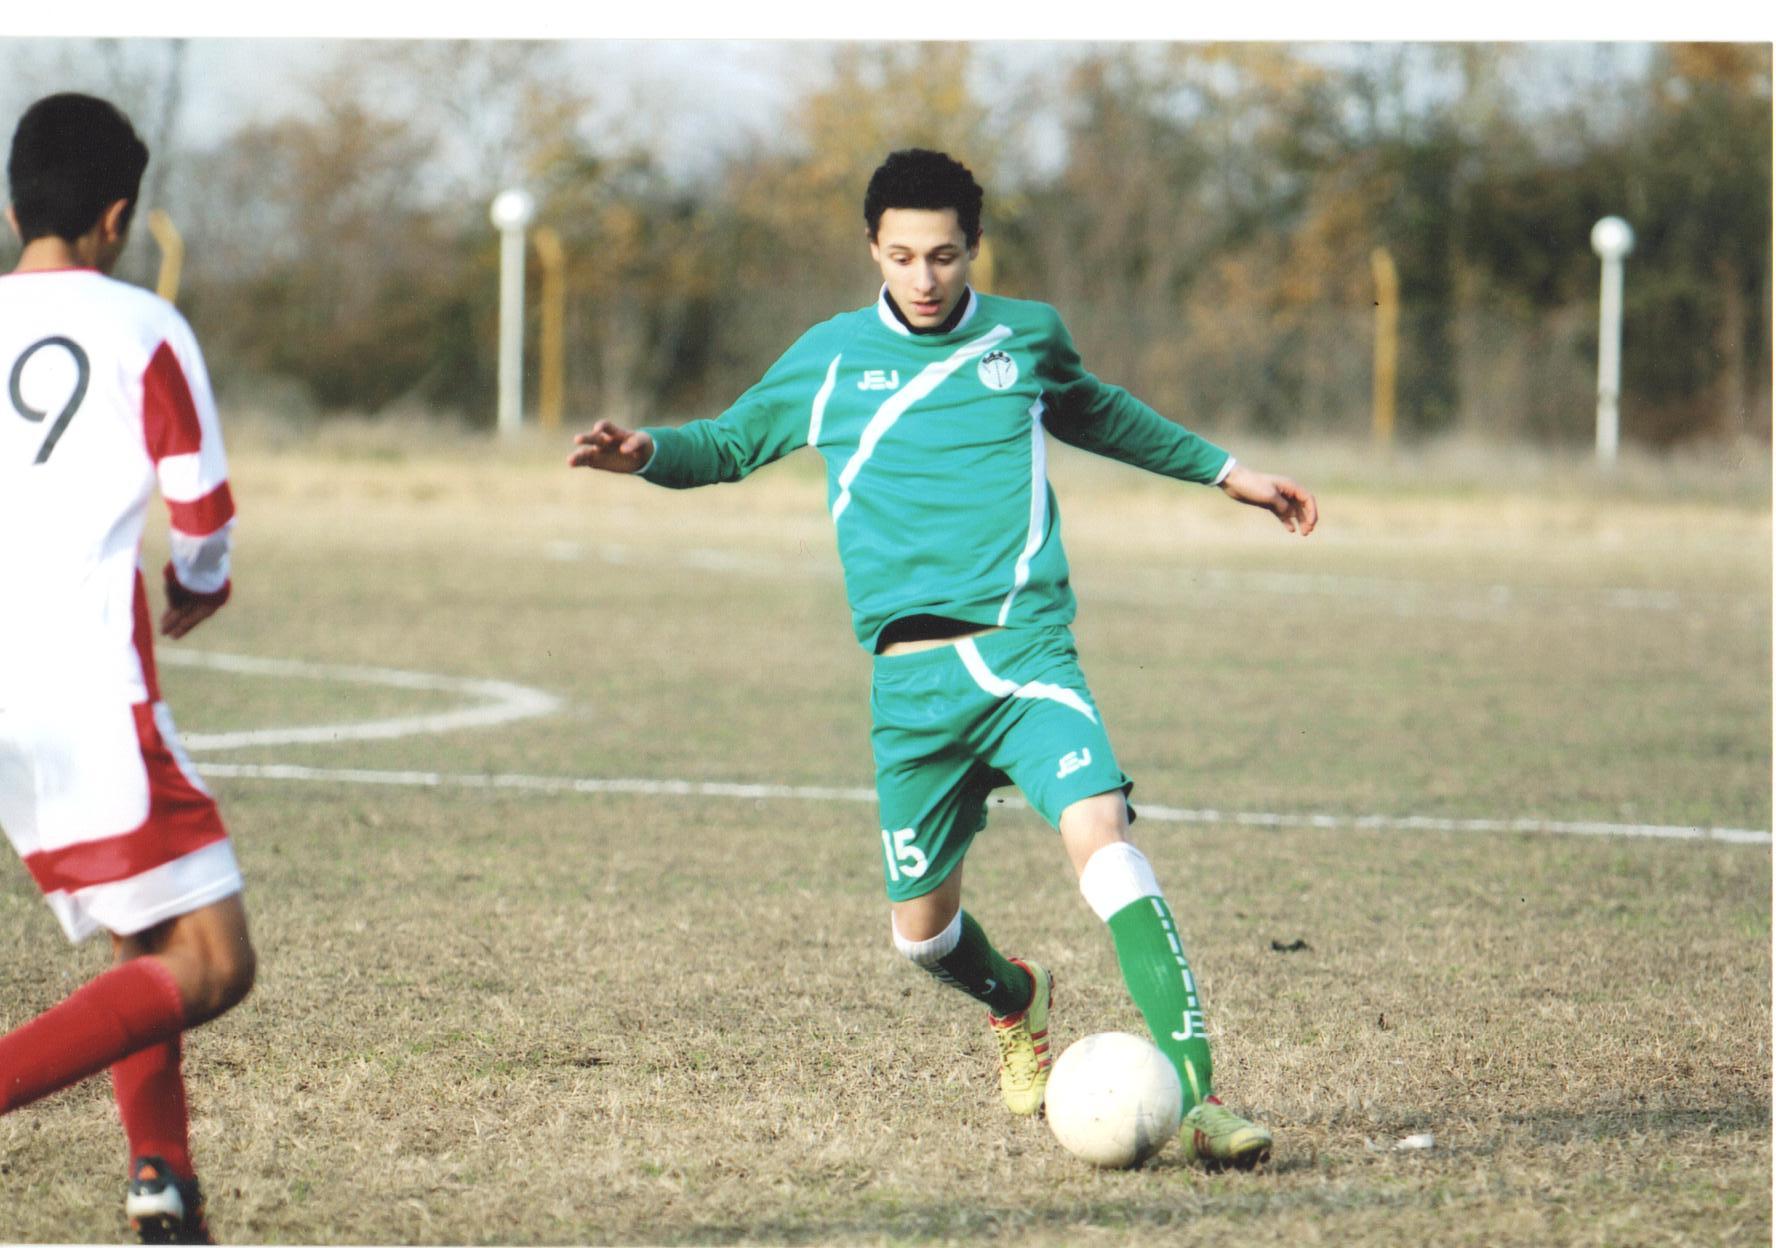 باشگاه ملوان انزلی 95 96 نوجوانان دخانیات گیلان 93-92 - امید سپیدرود رشت فصل 95-96